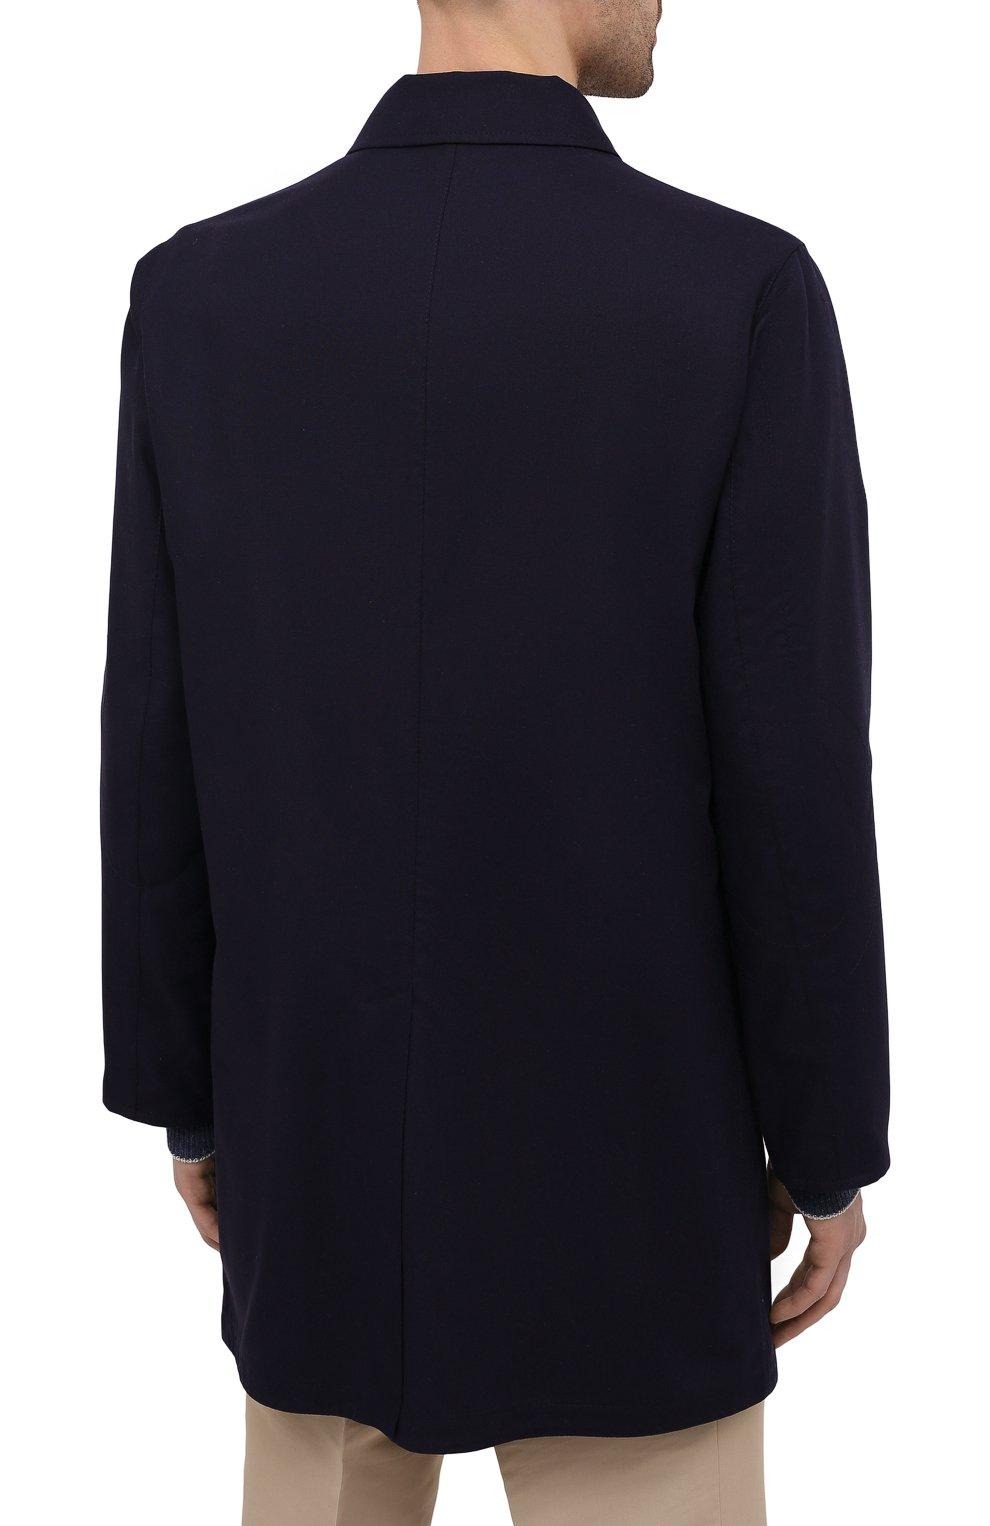 Мужской двусторонний плащ KITON темно-синего цвета, арт. UW0852CV07T80 | Фото 4 (Мужское Кросс-КТ: Плащ-верхняя одежда; Материал внешний: Шерсть, Шелк, Кашемир; Материал утеплителя: Шерсть; Рукава: Длинные; Длина (верхняя одежда): До середины бедра; Стили: Классический)